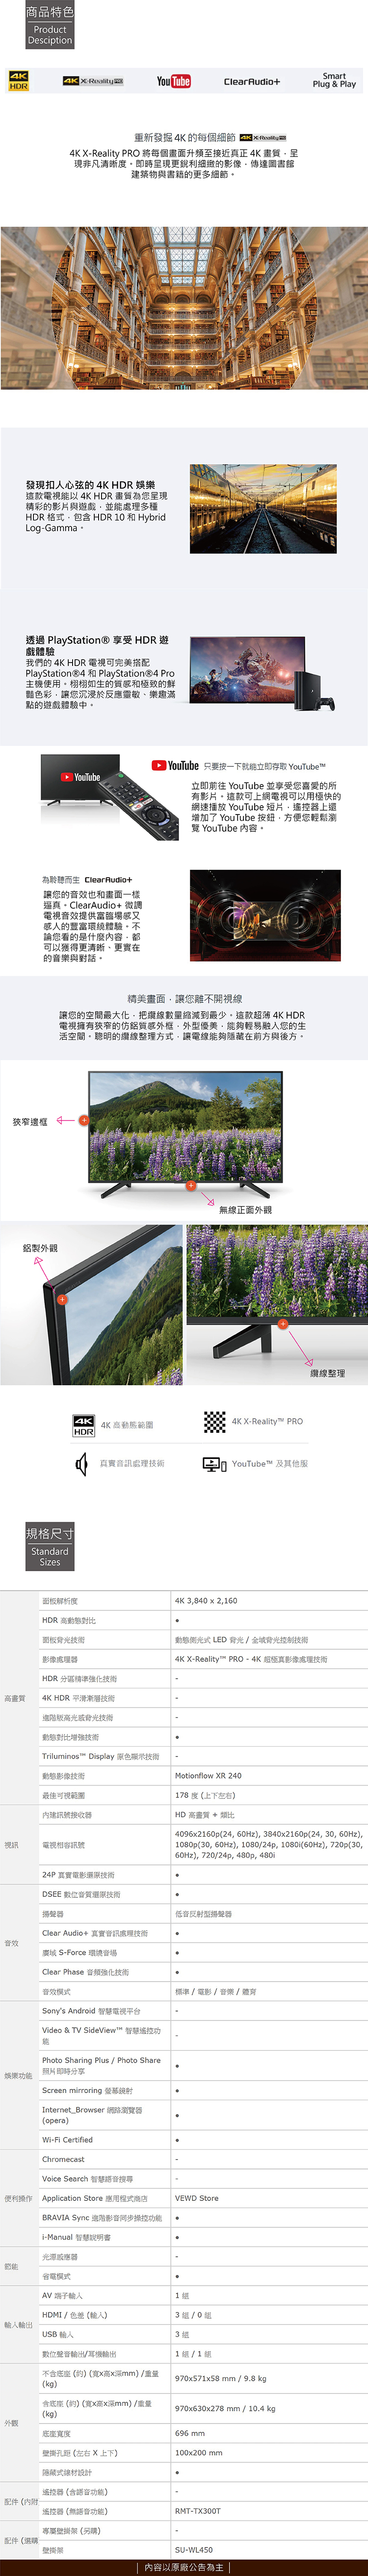 【特惠中】SONY 索尼 KD-43X7000F 43吋 4K HDR LED 電視 公司貨